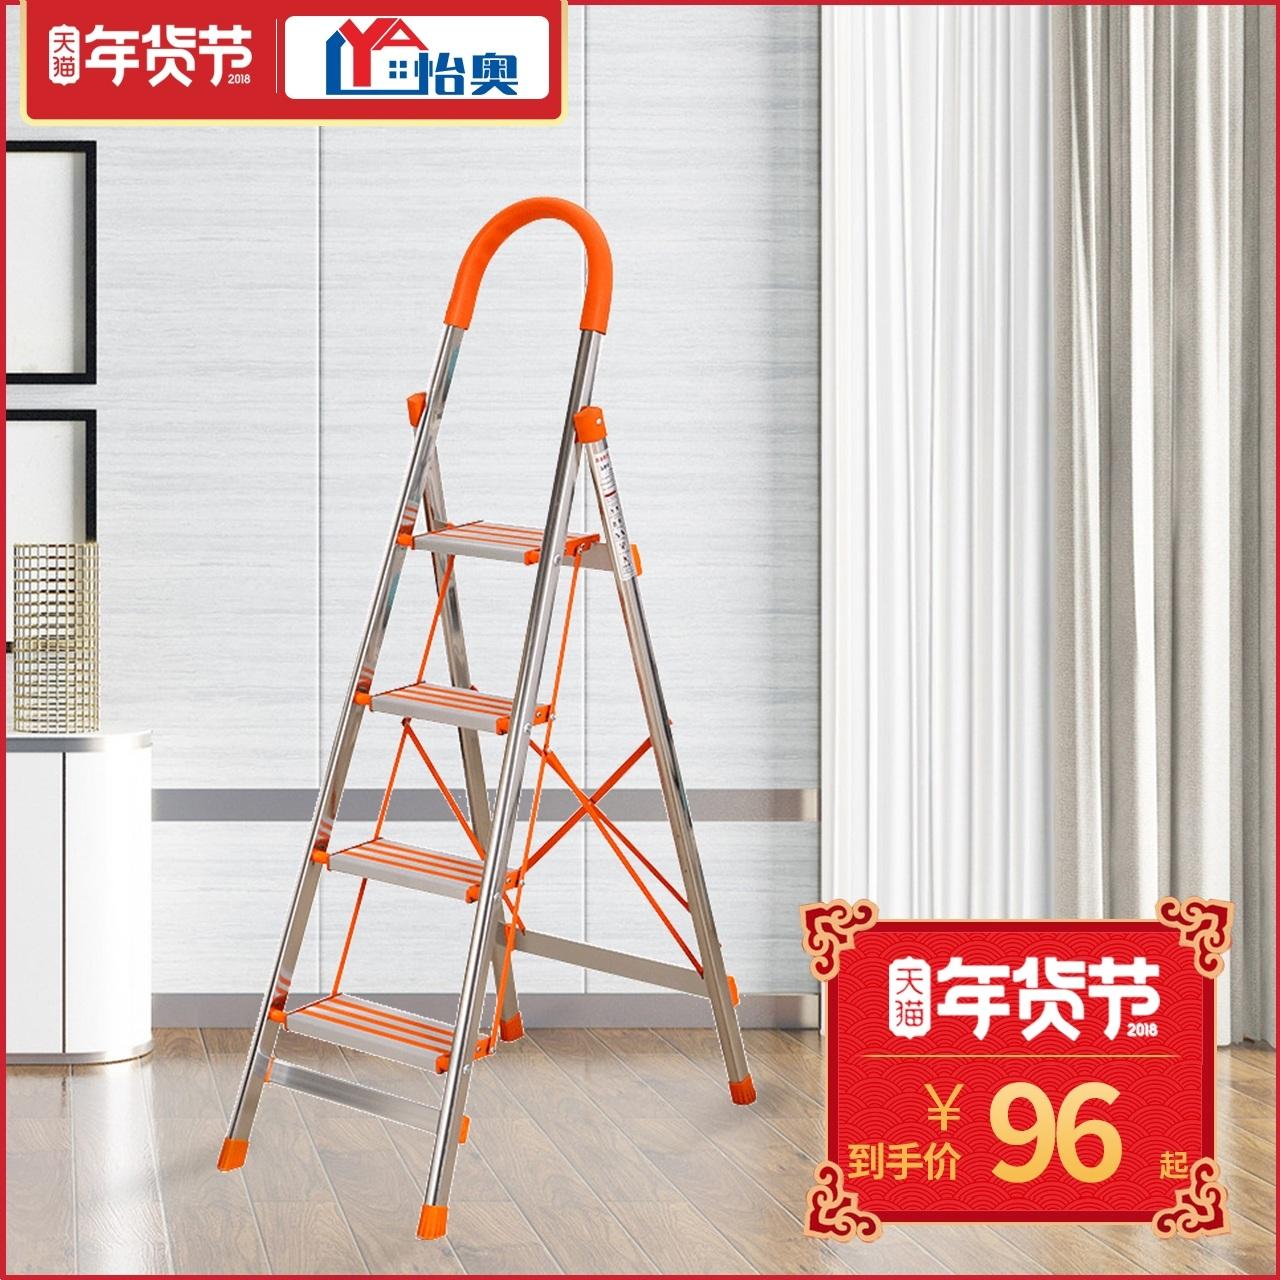 怡奥梯子家用折叠不锈钢人字梯加厚四五步室内移动扶爬梯伸缩楼梯